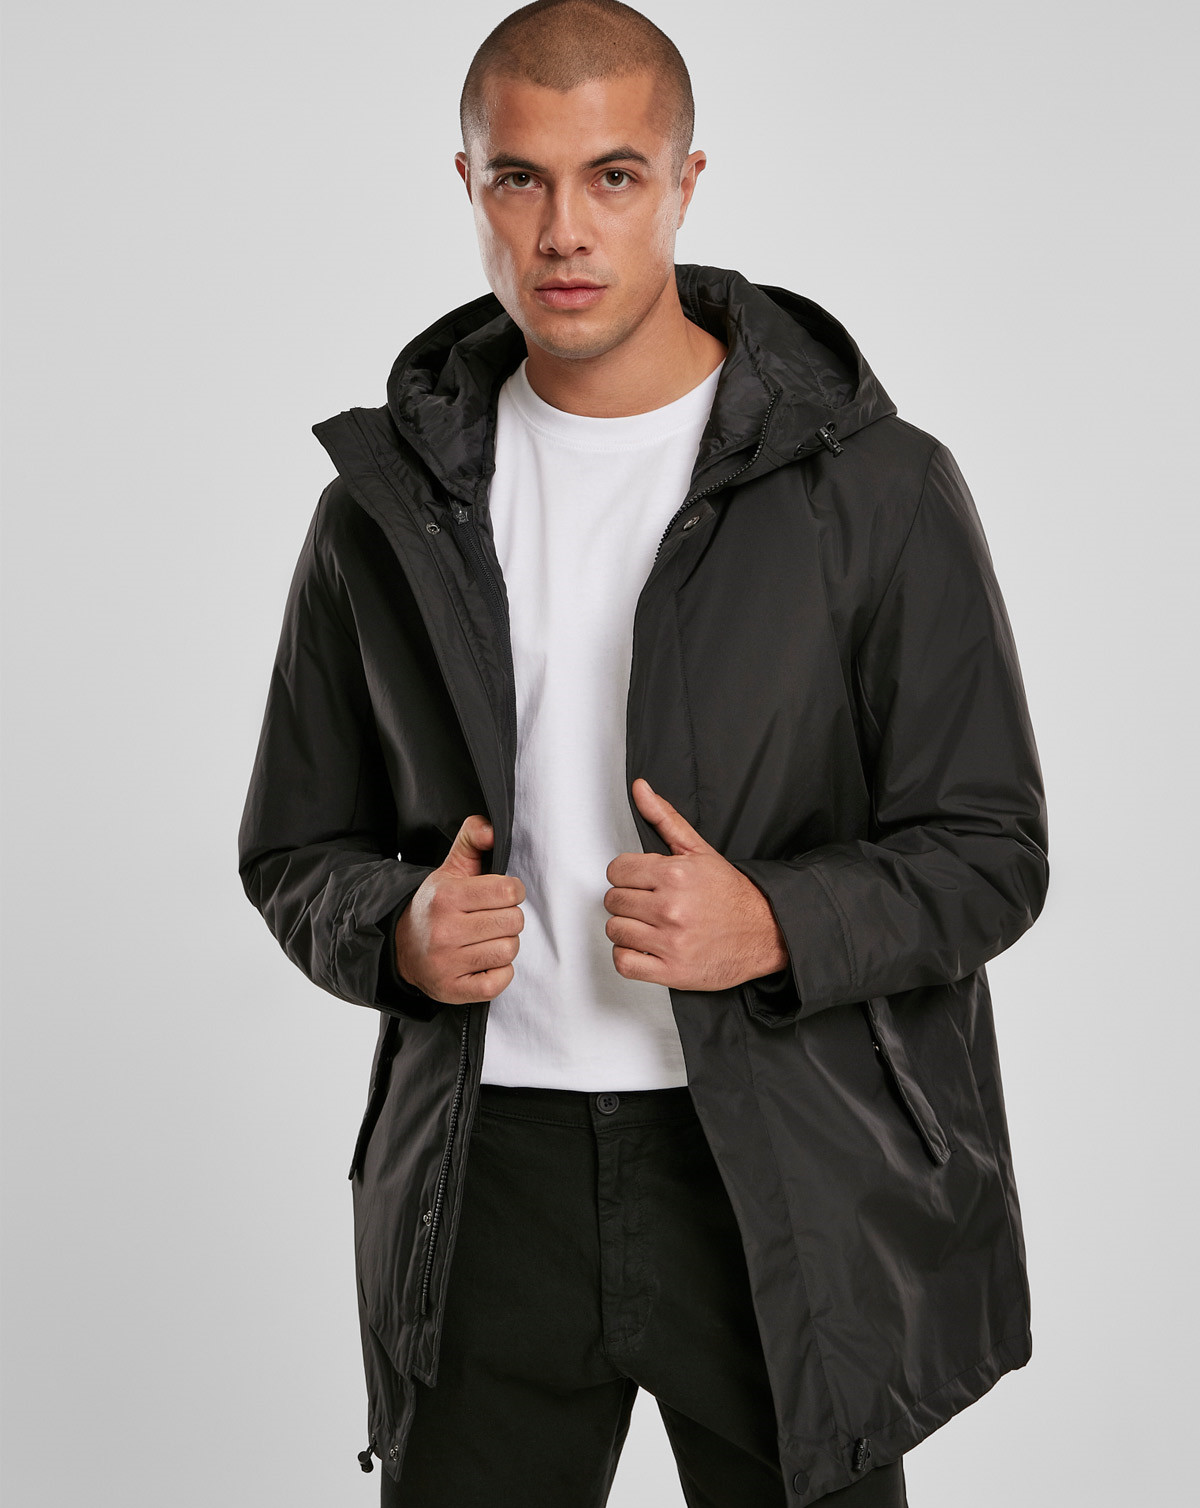 Best pris på Urban Classics Hooded Oversized Bomber Jacket